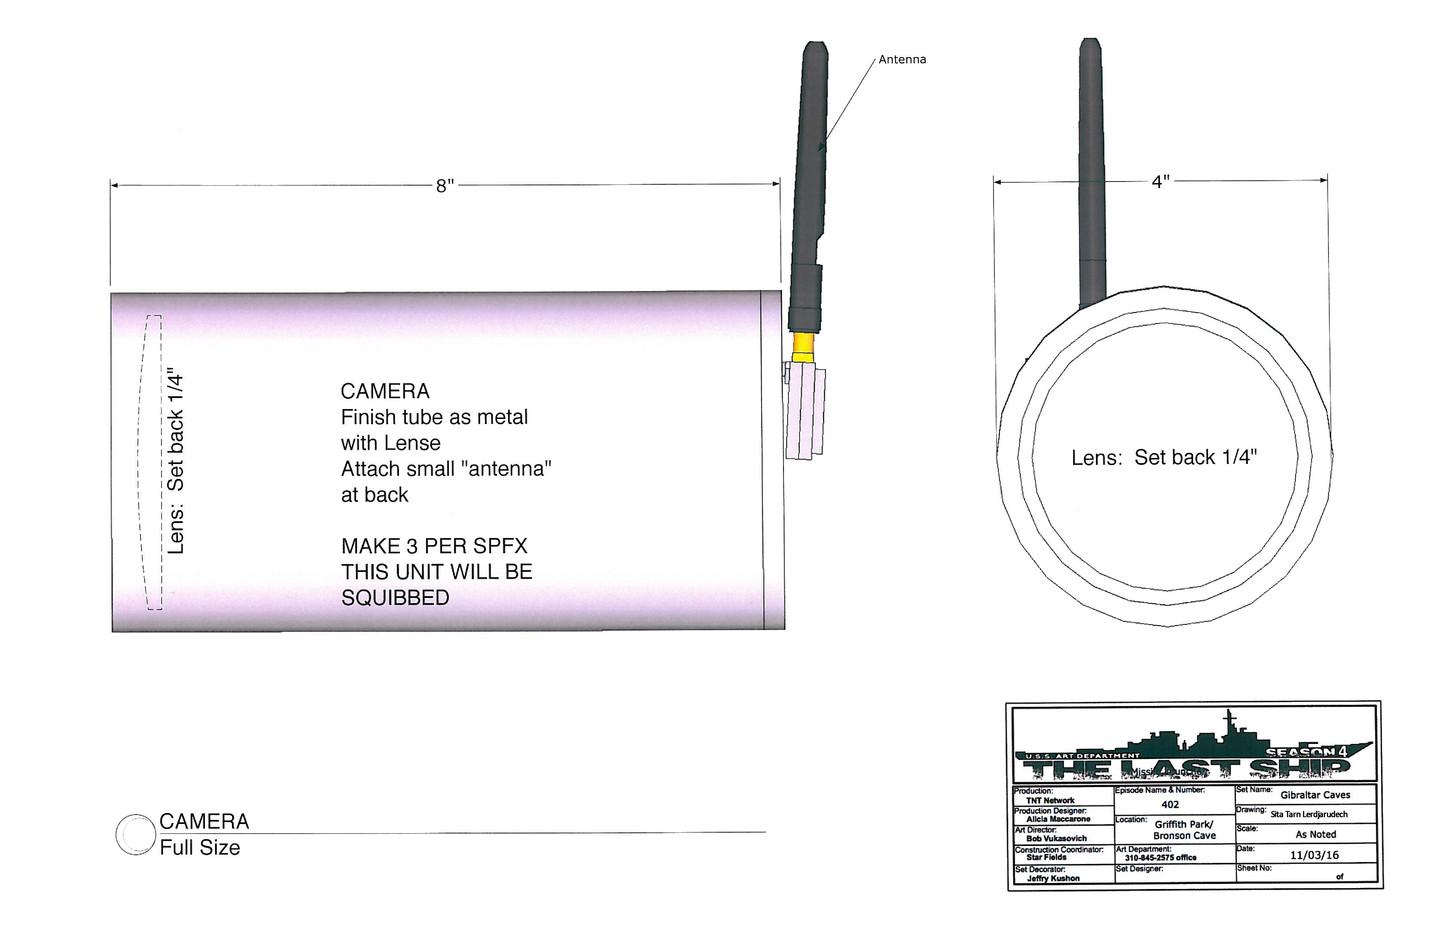 MissileLauncher-CAMERA-11-0316-2.jpg